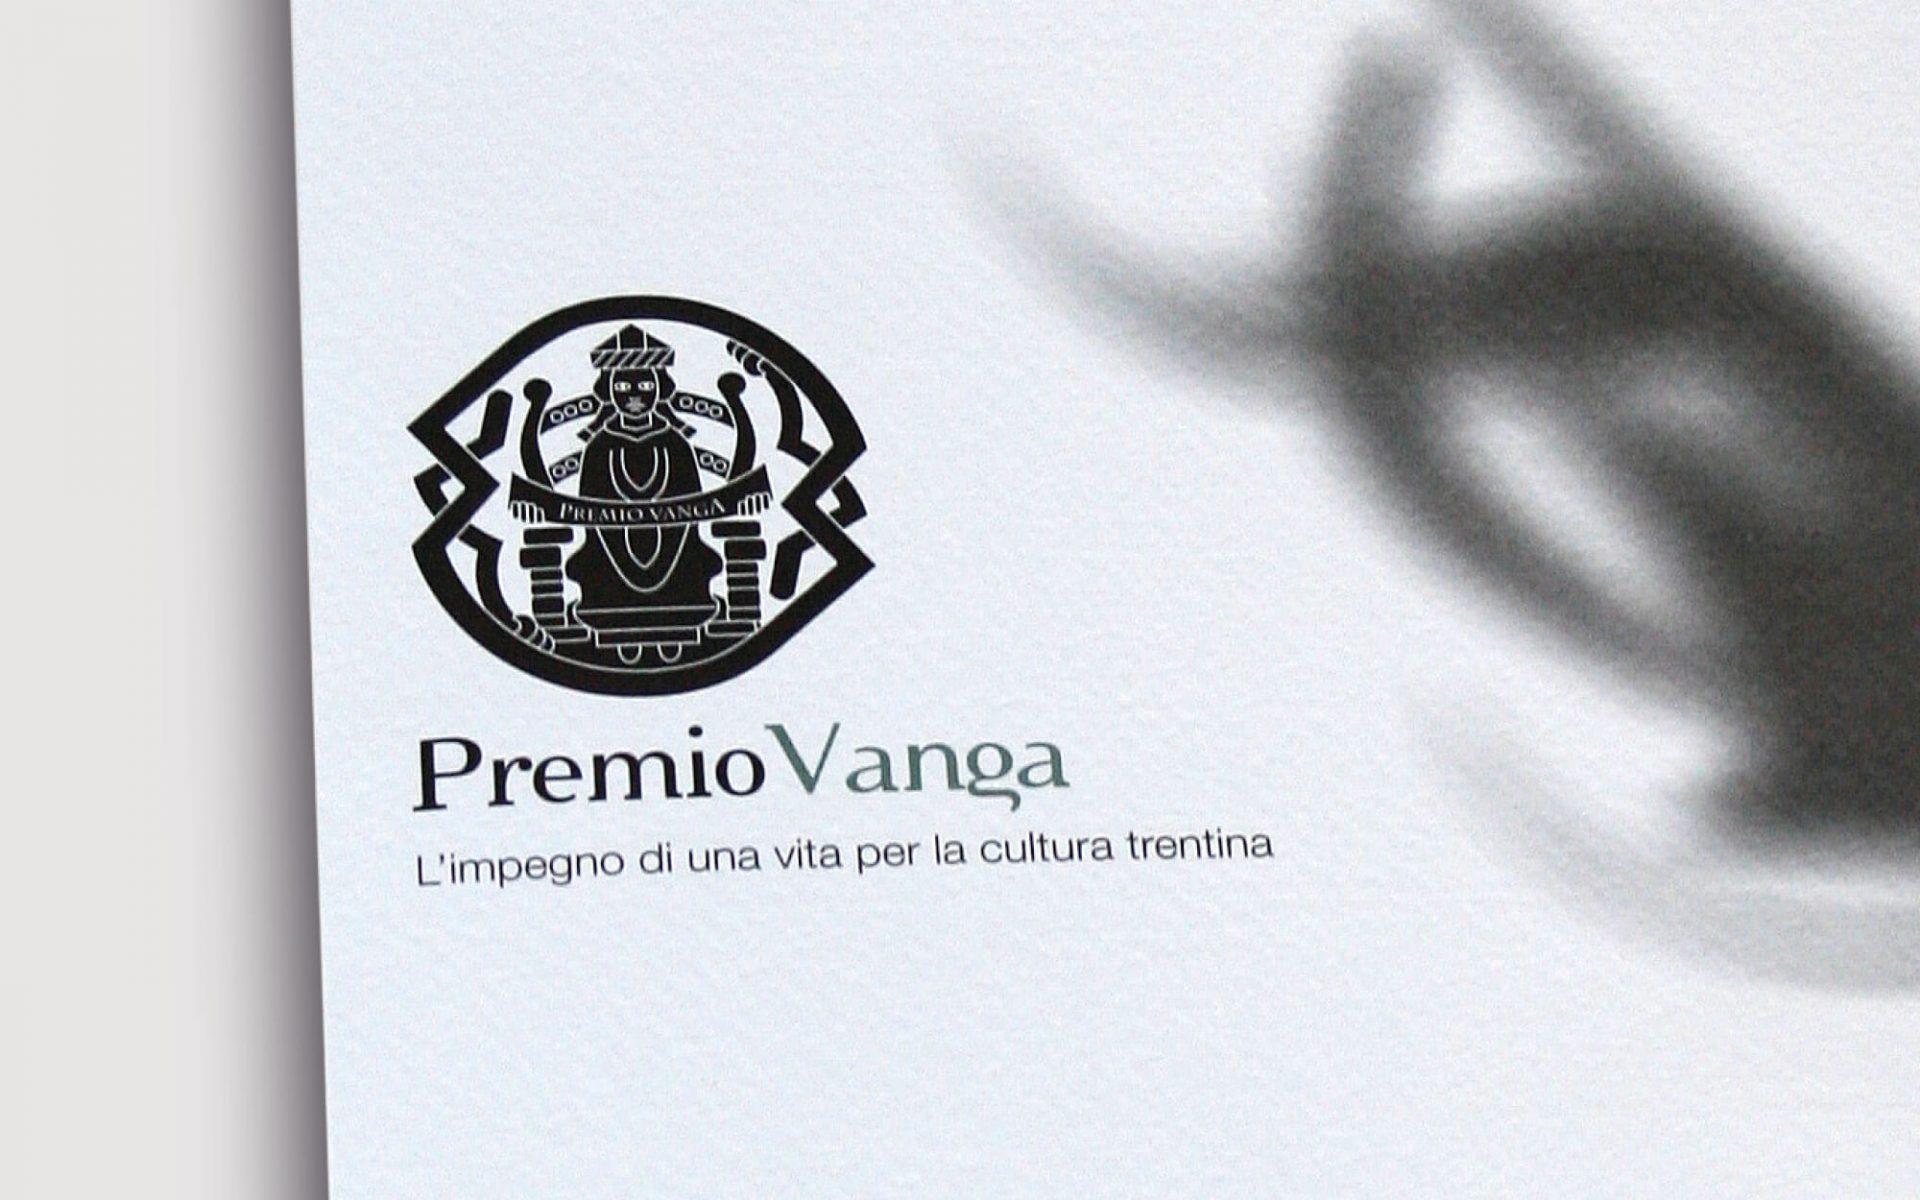 marchio in bianco e nero e dettaglio immagine coordinata creata per l'evento -premio vanga- con il coordinamento immagine diadestudio arco di trento